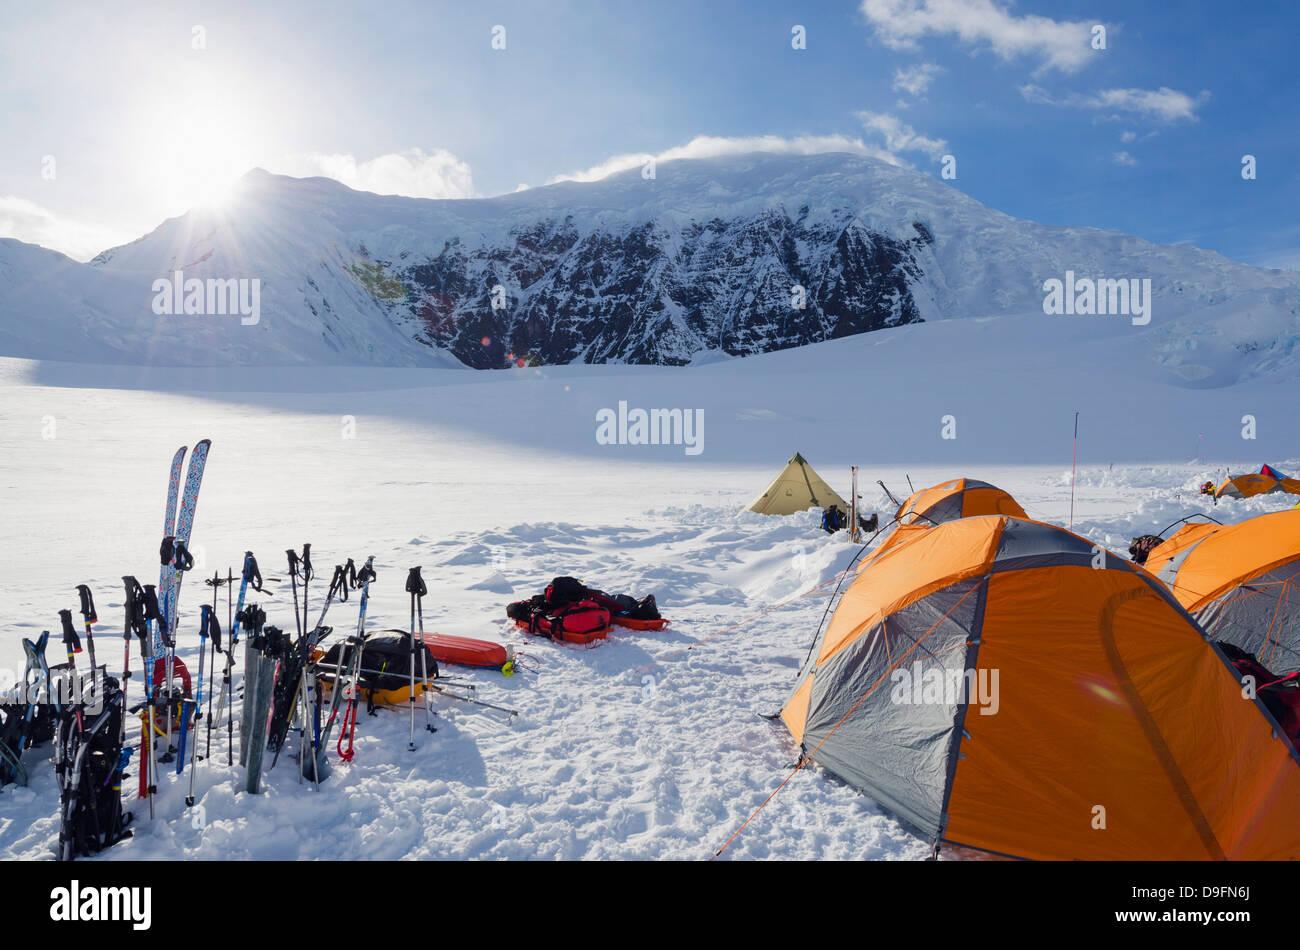 Camp 1, escursione di alpinismo sul Monte McKinley, 6194m, Parco Nazionale di Denali, Alaska, STATI UNITI D'AMERICA Immagini Stock